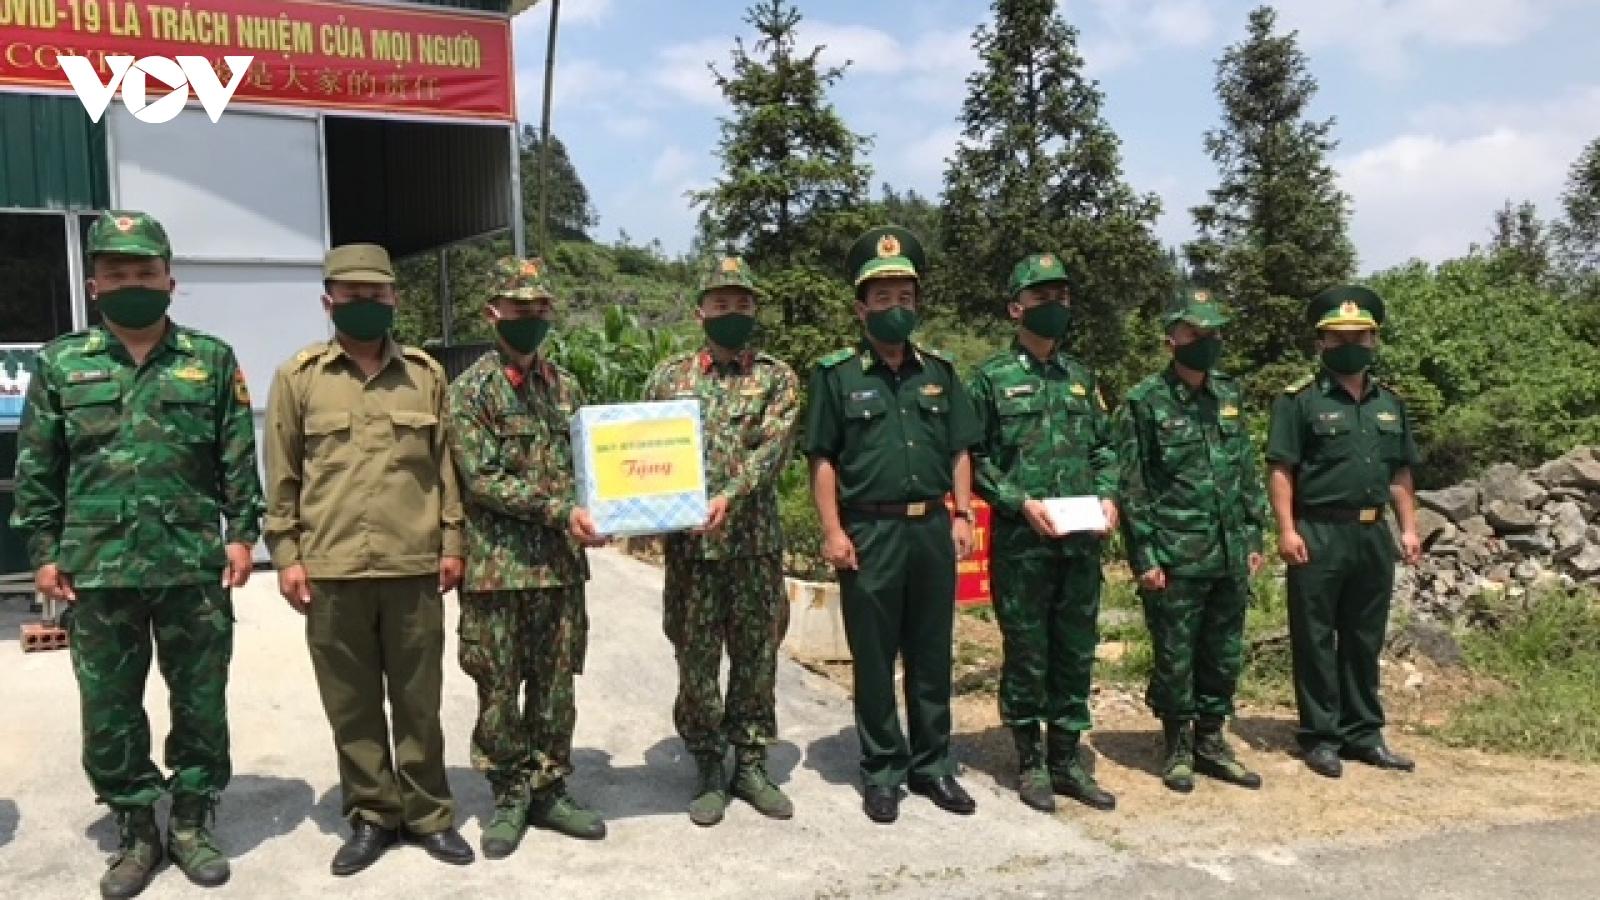 Lực lượng biên phòng bắt giữ 64 trường hợp nhập cảnh trái phép